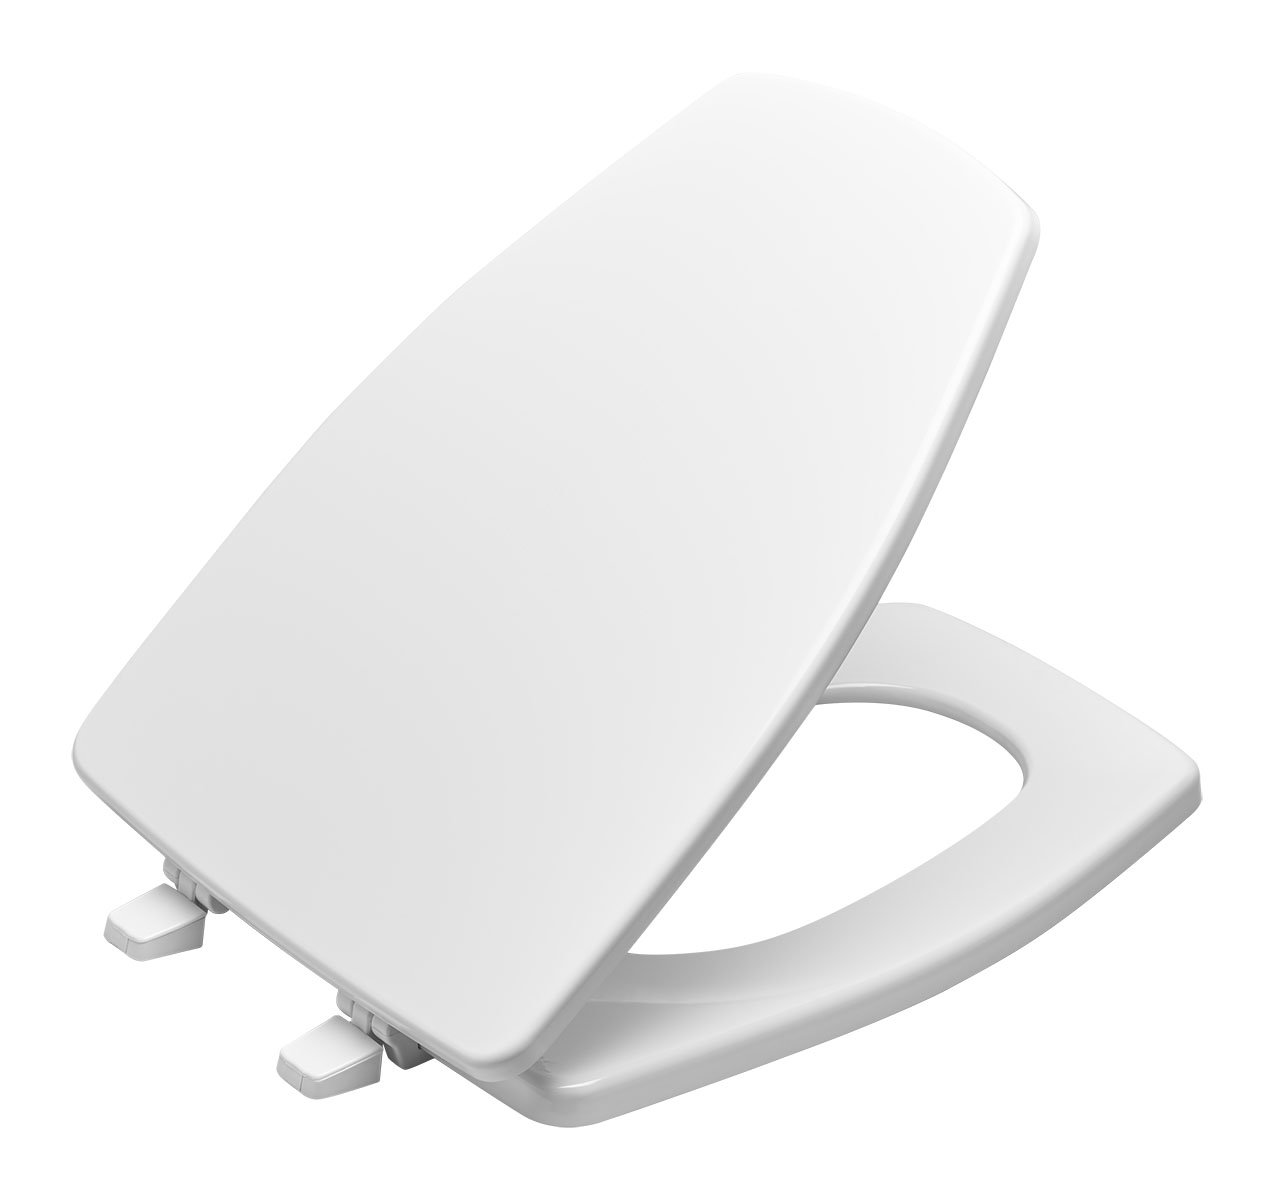 Kohler 1014072-0 Toilet Seat for Rochelle Toilet